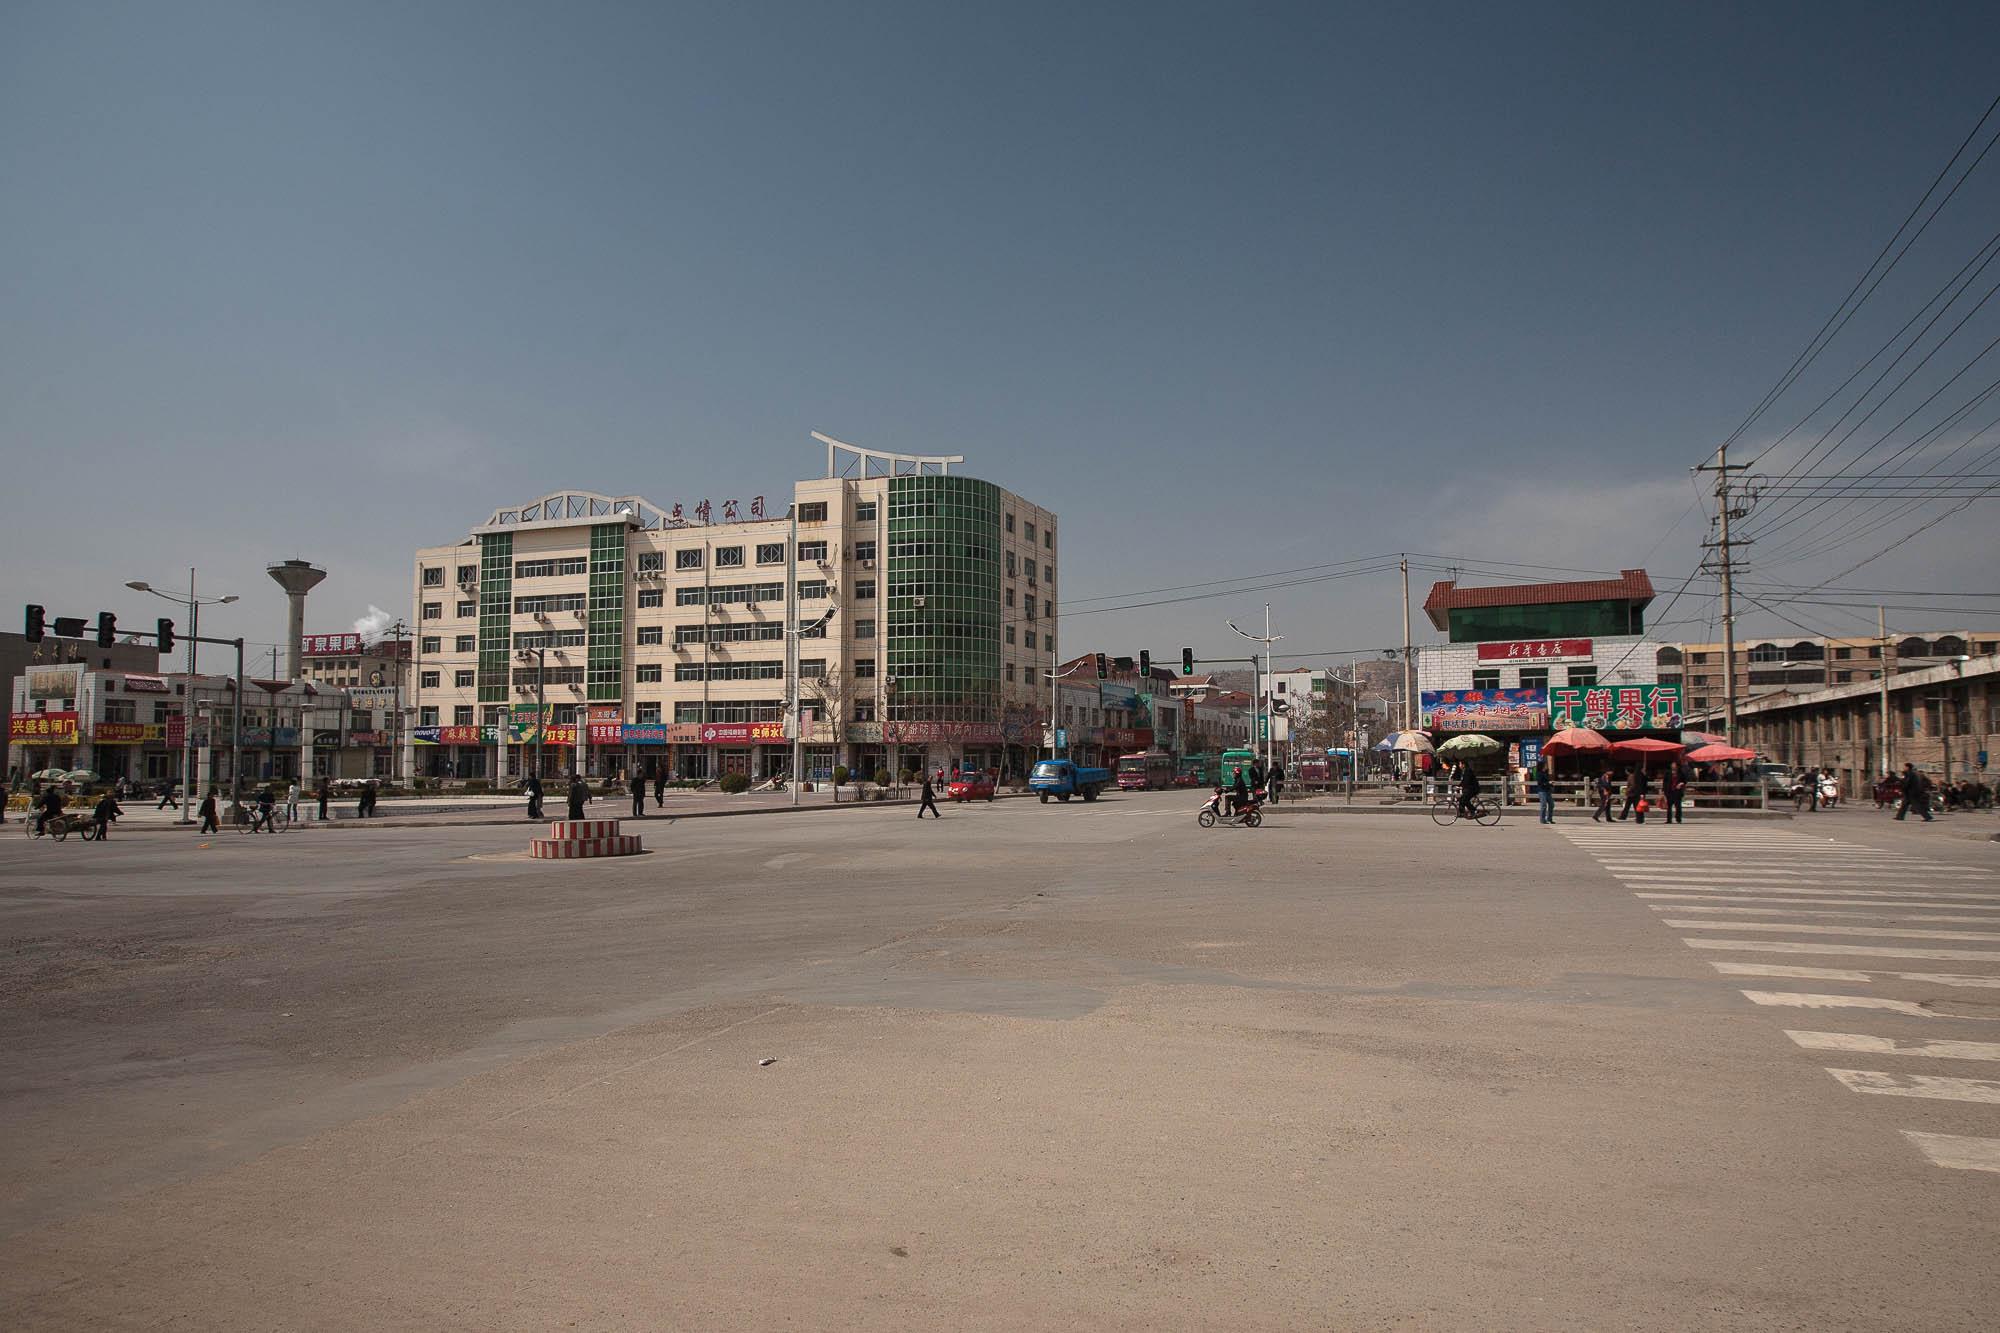 Jingchuan